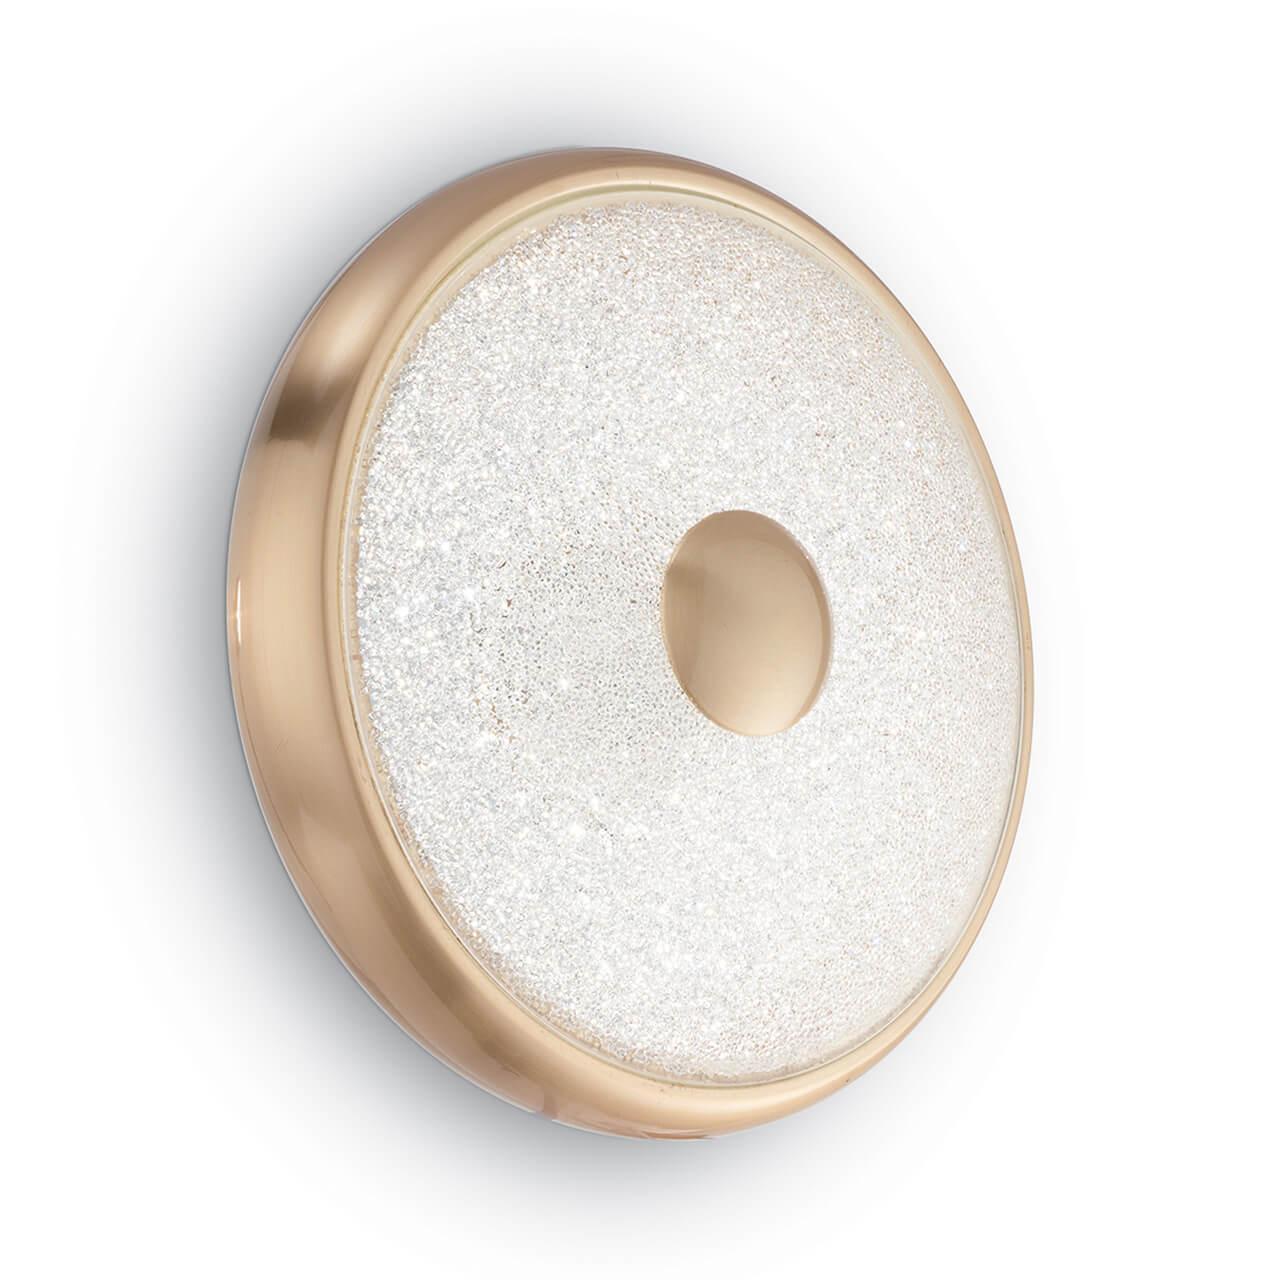 Настенный светодиодный светильник Ideal Lux Rubens AP50 Ottone Satinato